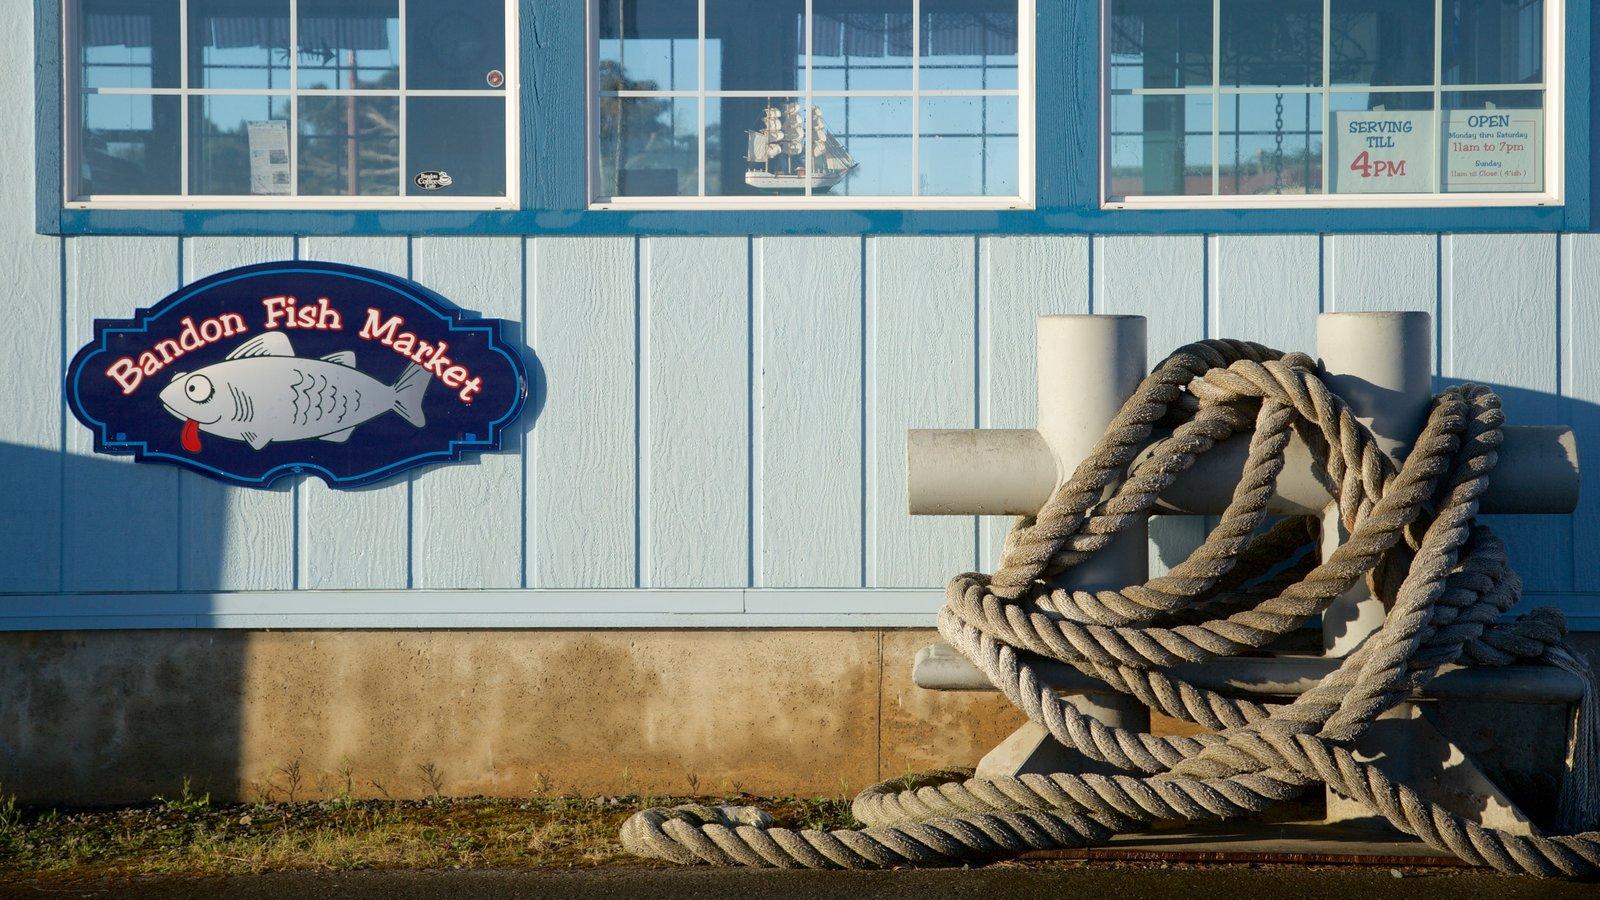 Bandon que inclui sinalização e uma marina